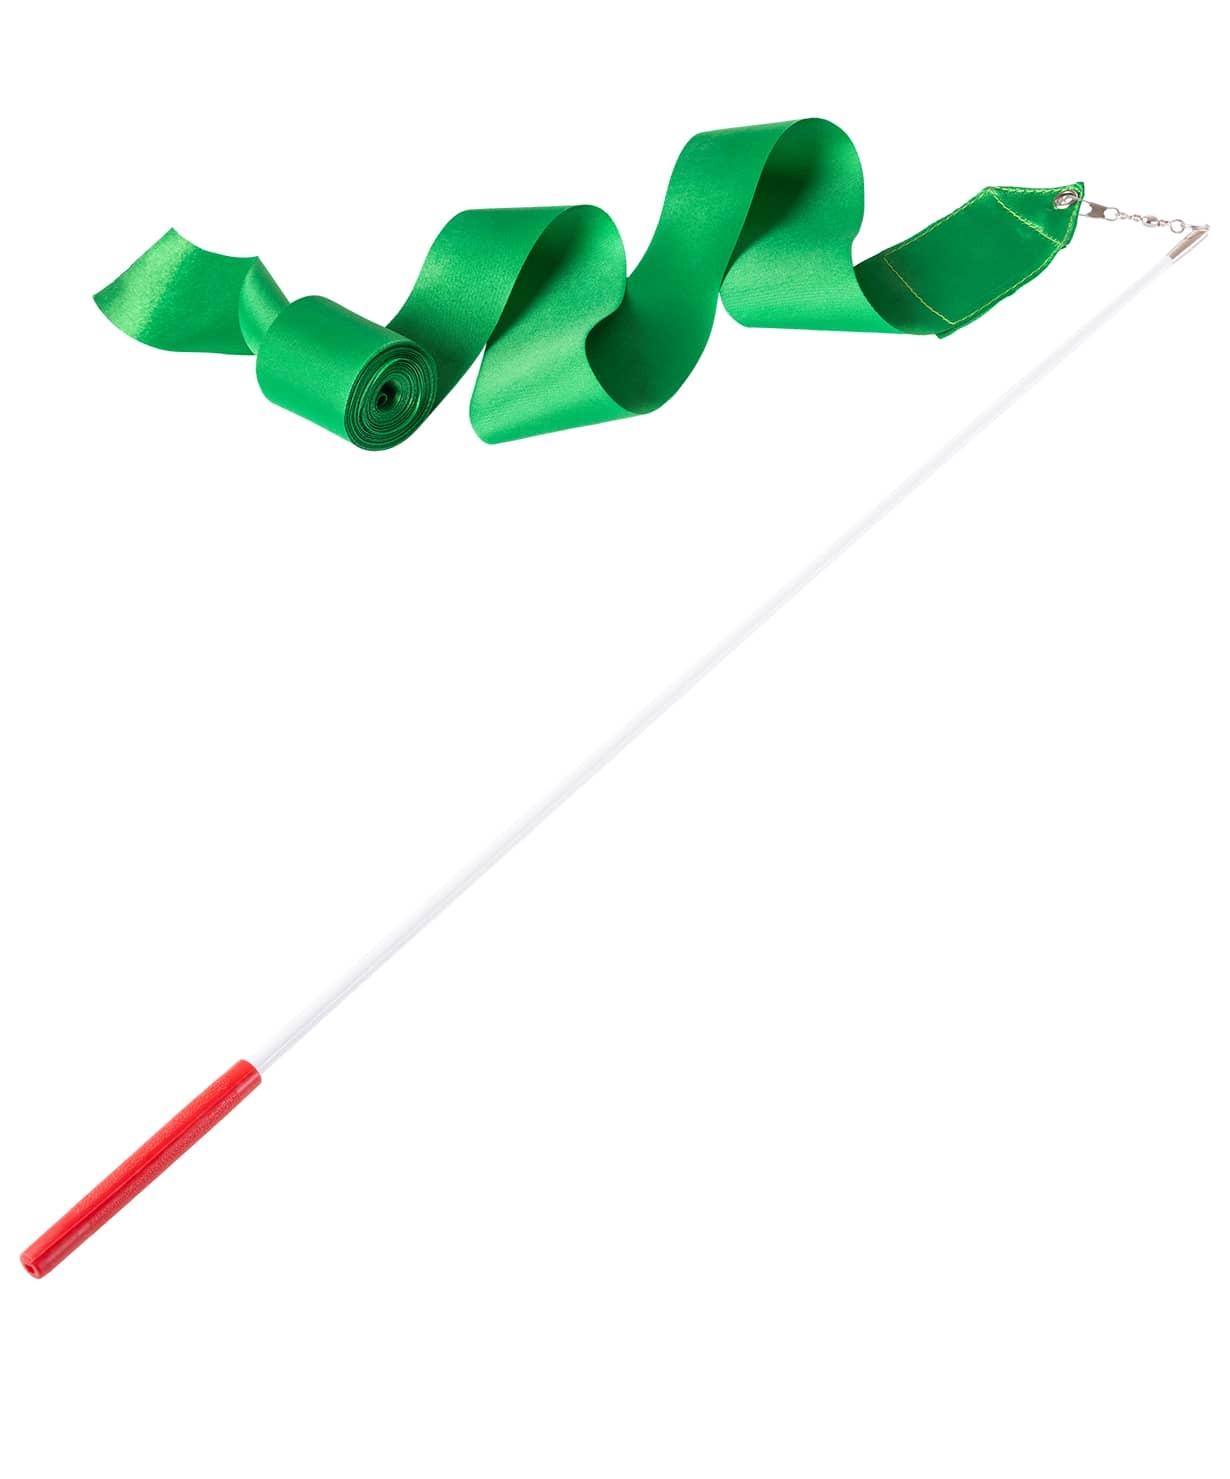 Лента для художественной гимнастики AGR-201 4м, с палочкой 46 см, зеленый